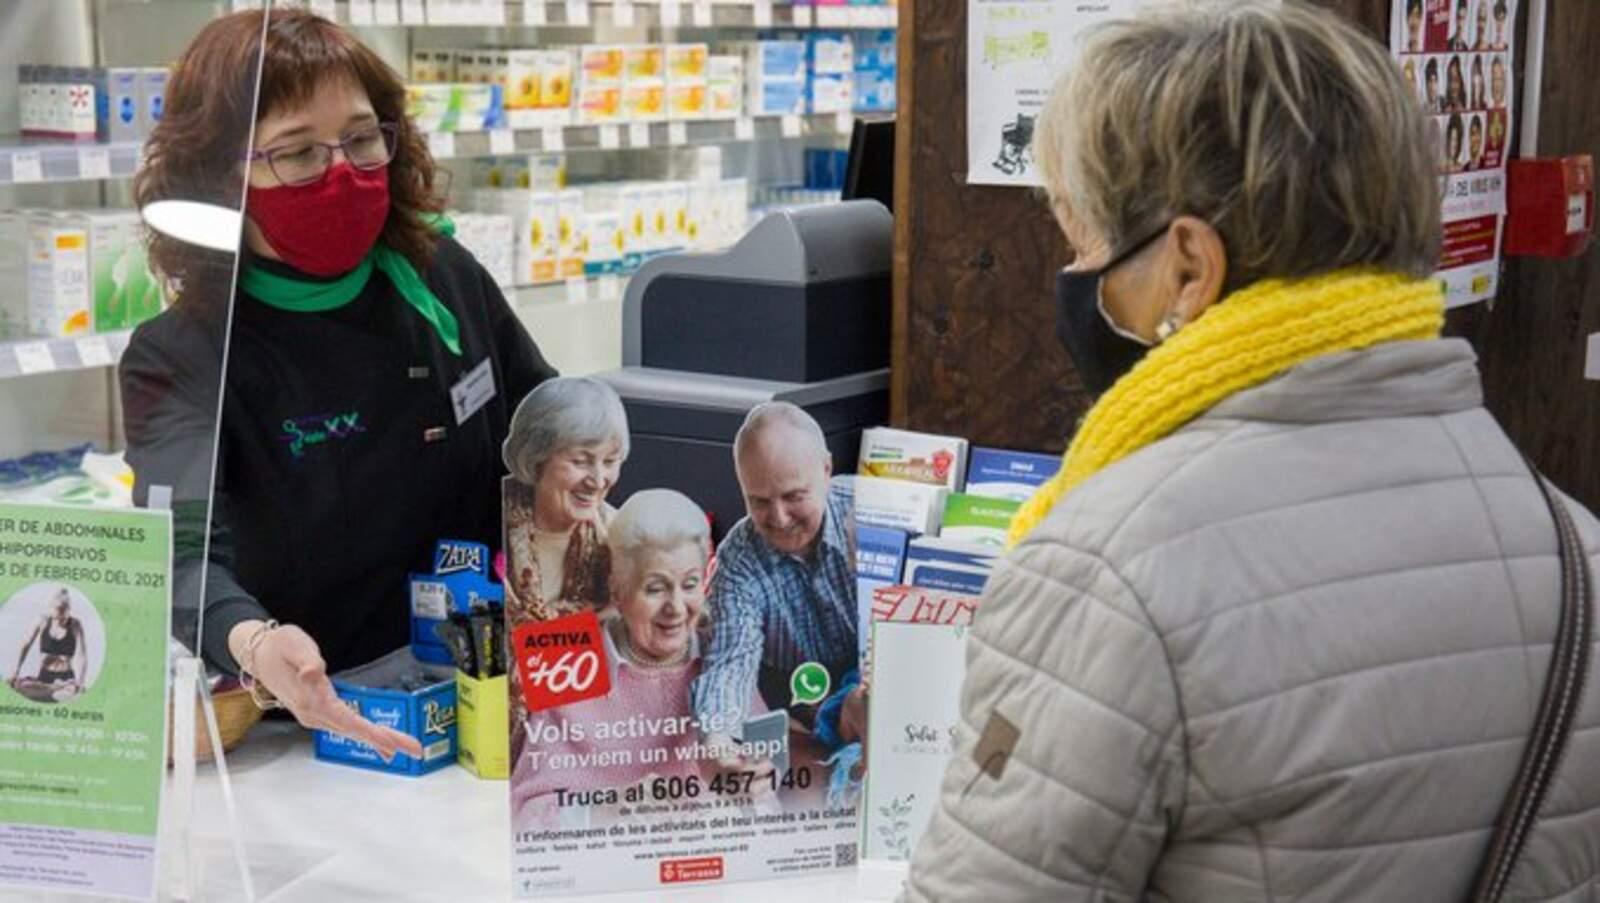 Les farmàcies són un dels punts de difusió dels nous grups de whatsapp de l'Activa't +60